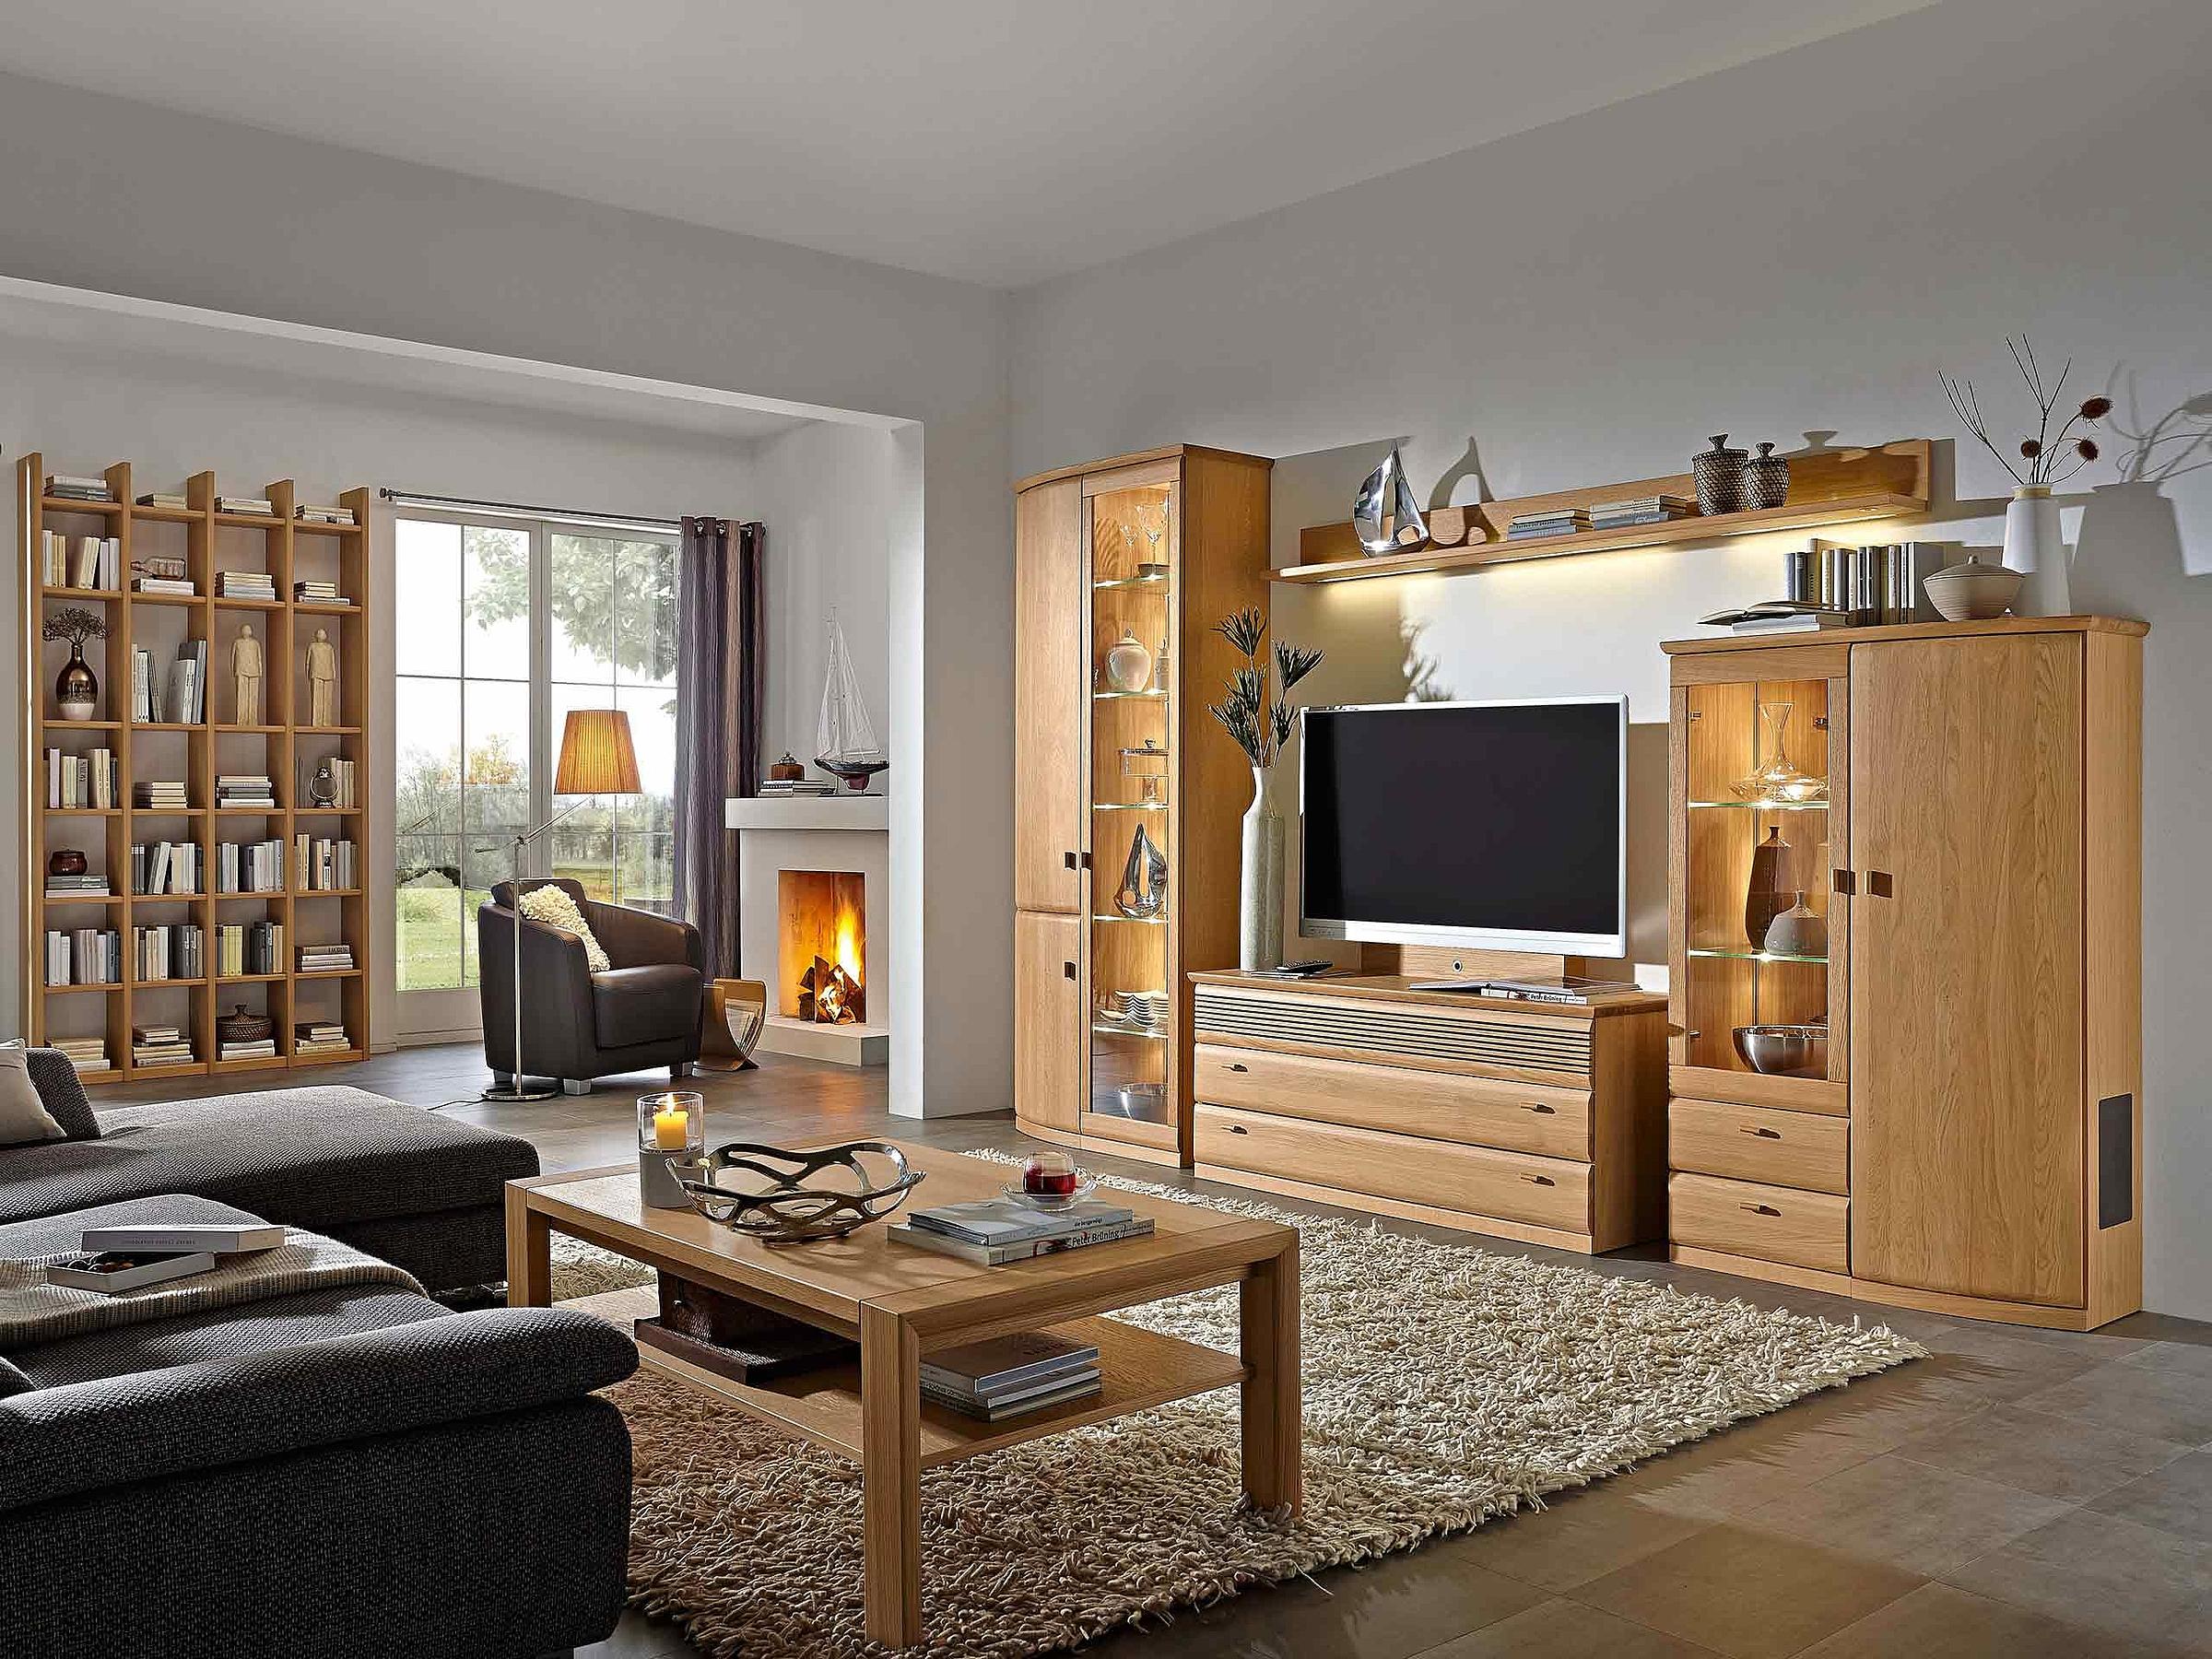 Regal Couchtisch Wohnwand Wohnzimmer Opus Holz Eiche sand massiv